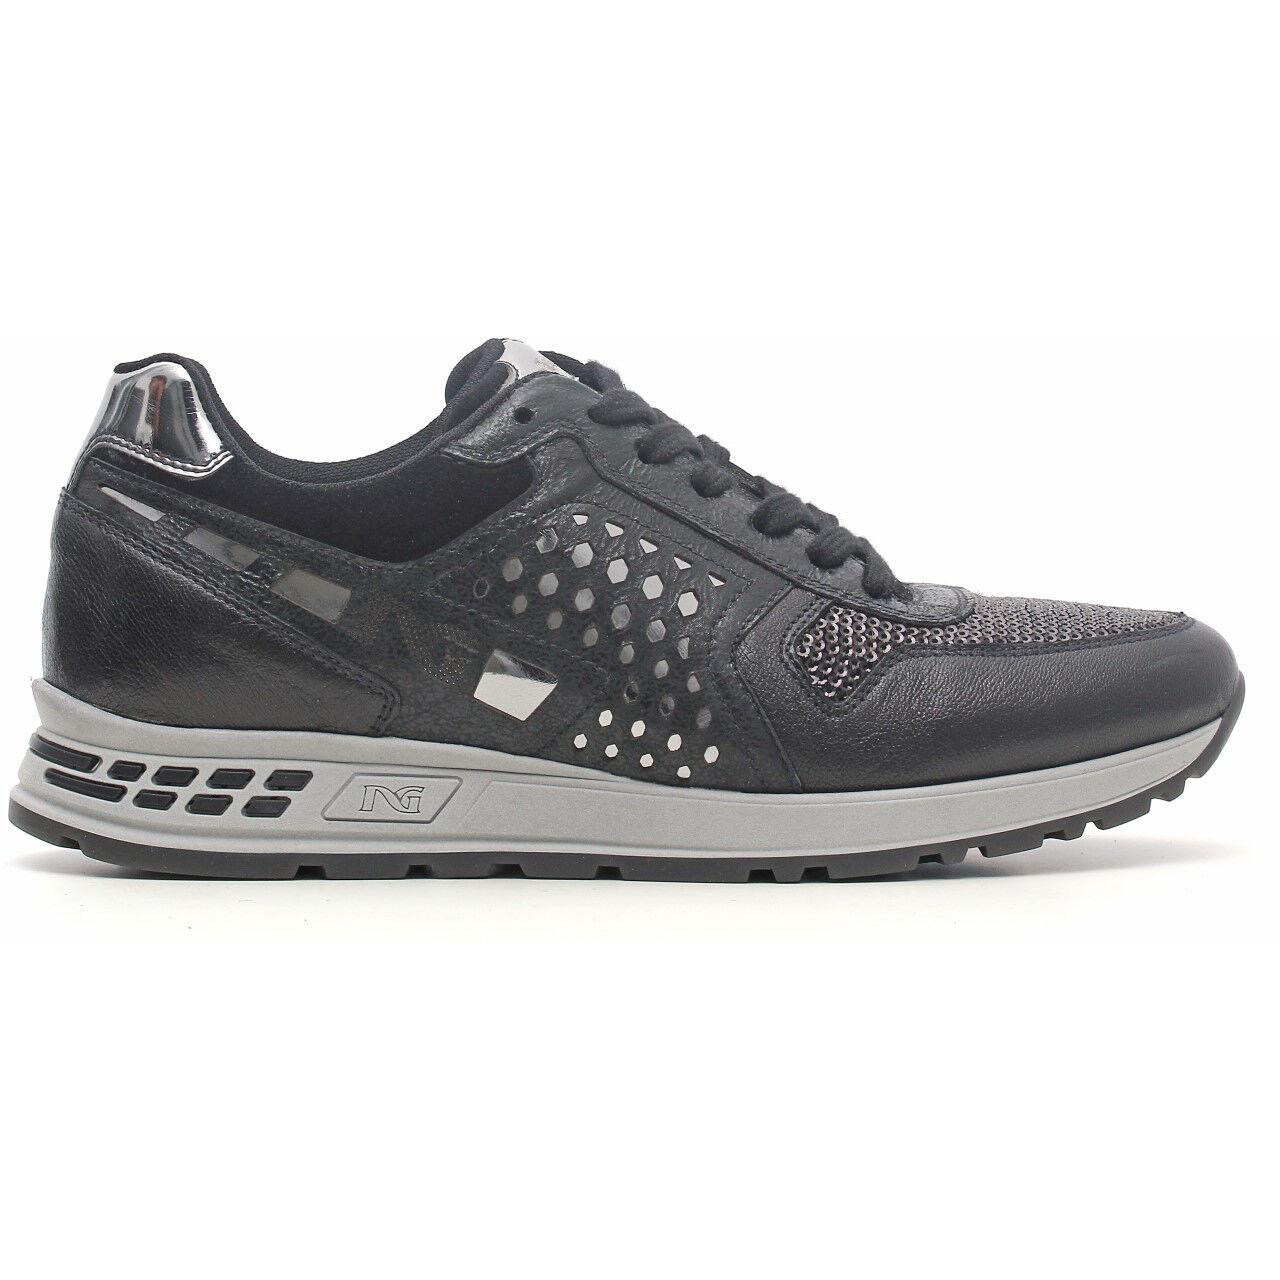 Athletic scarpe donna sono la nuova collezione a616182d Autumn  -Winter  garantito